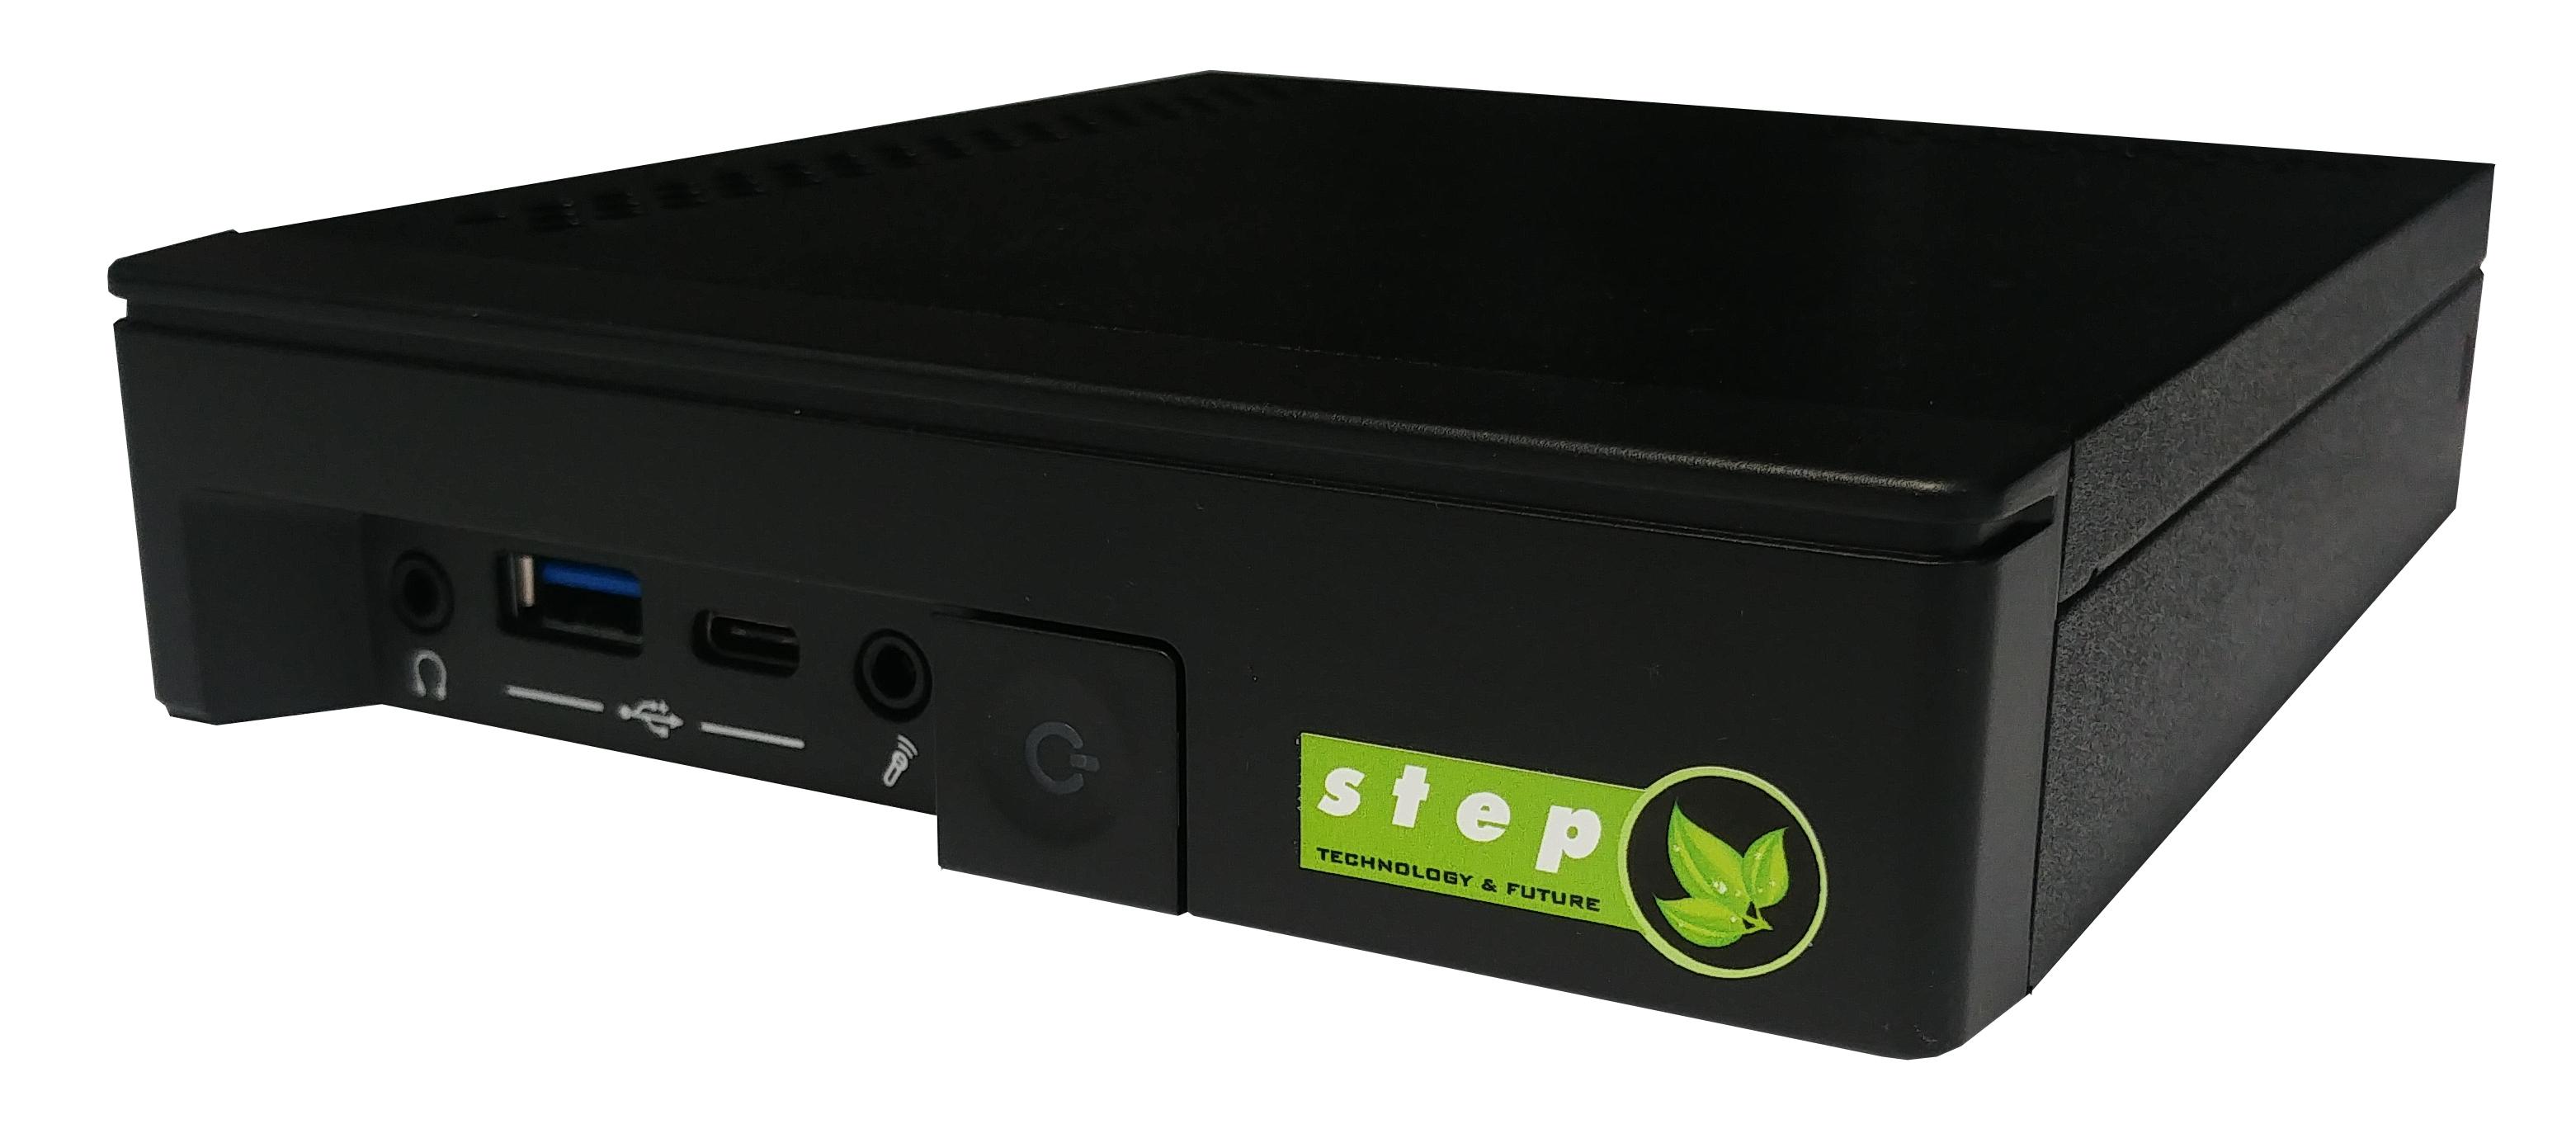 Step DS808 - 3,6 GHz - Intel? Core? i3 der achten Generation - i3-8100 - 4 GB - 240 GB - Windows 10 IoT Enterprise